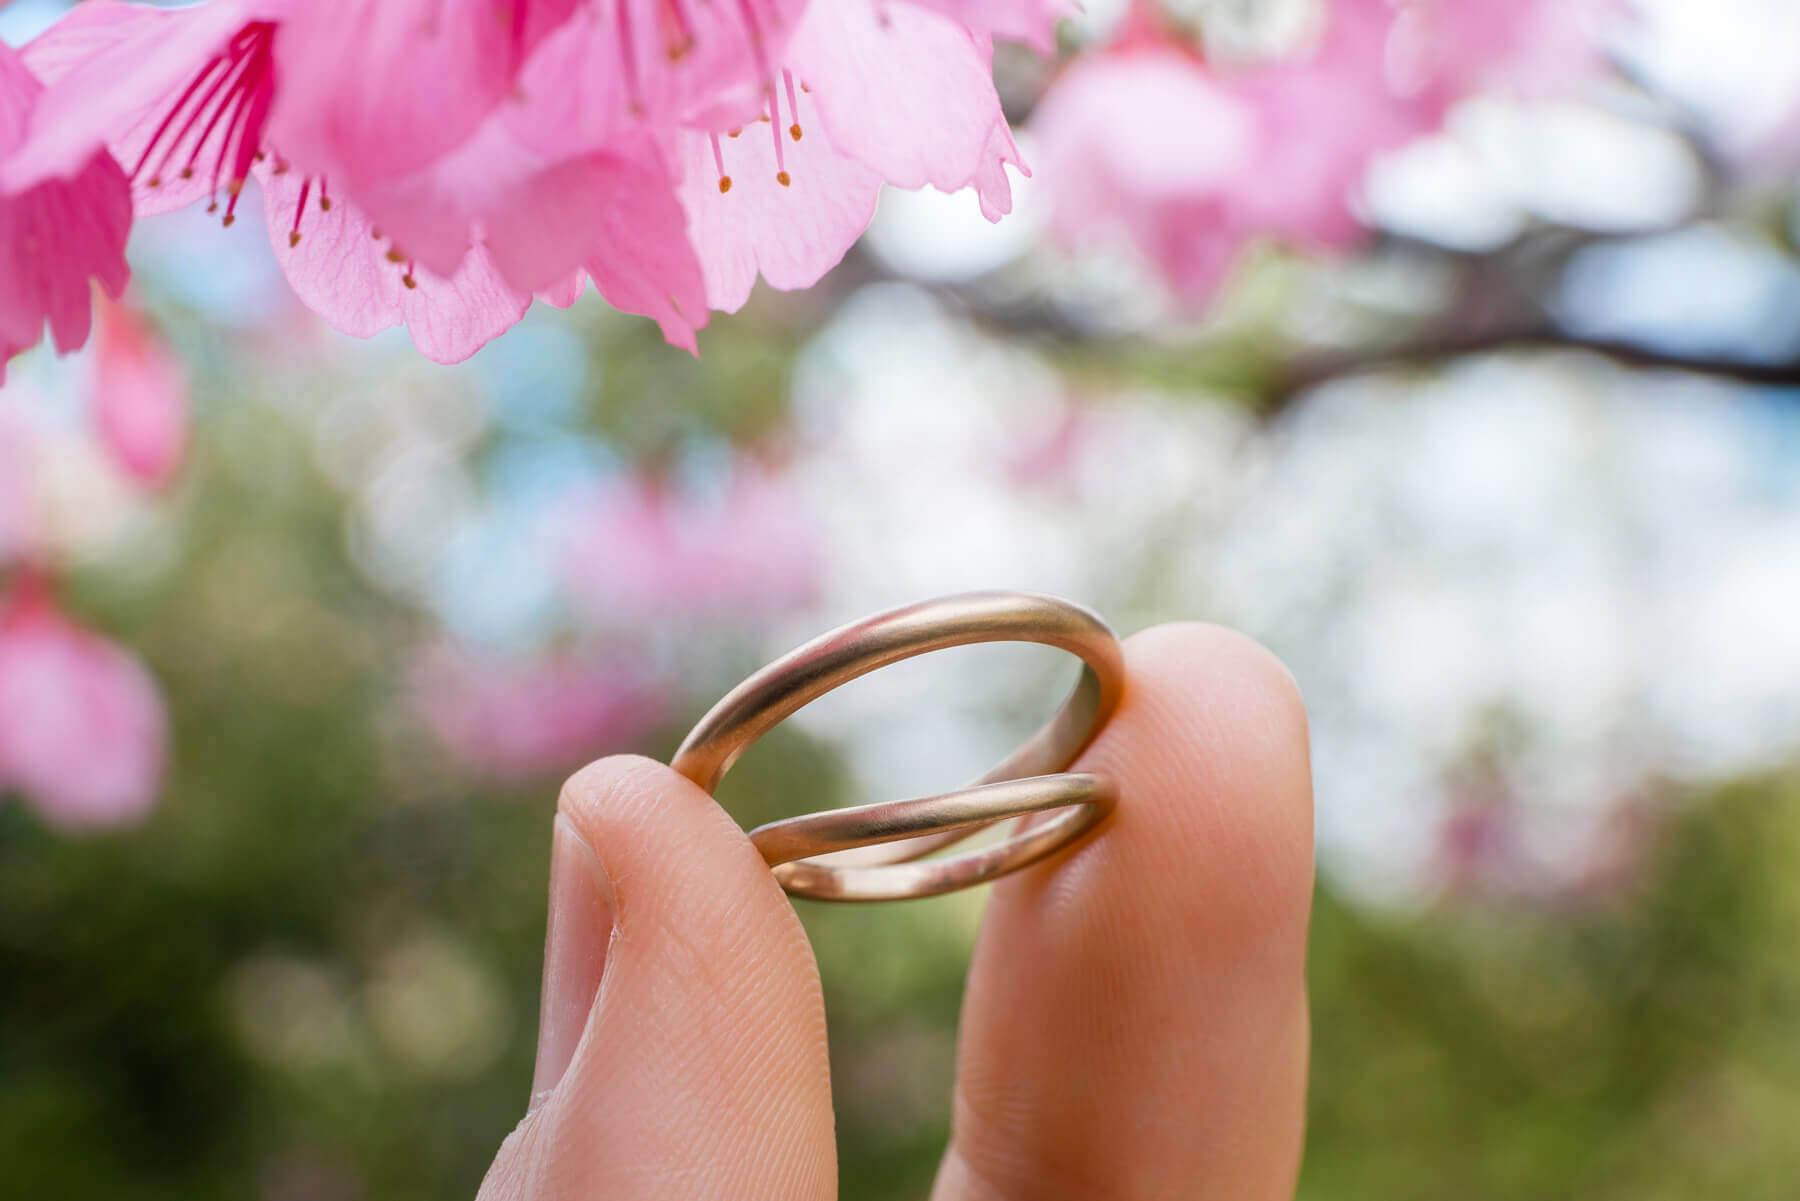 場面2 屋久島の桜の下 オーダーメイドマリッジリング  ゴールド、ダイヤモンド、プラチナ 屋久島でつくる結婚指輪